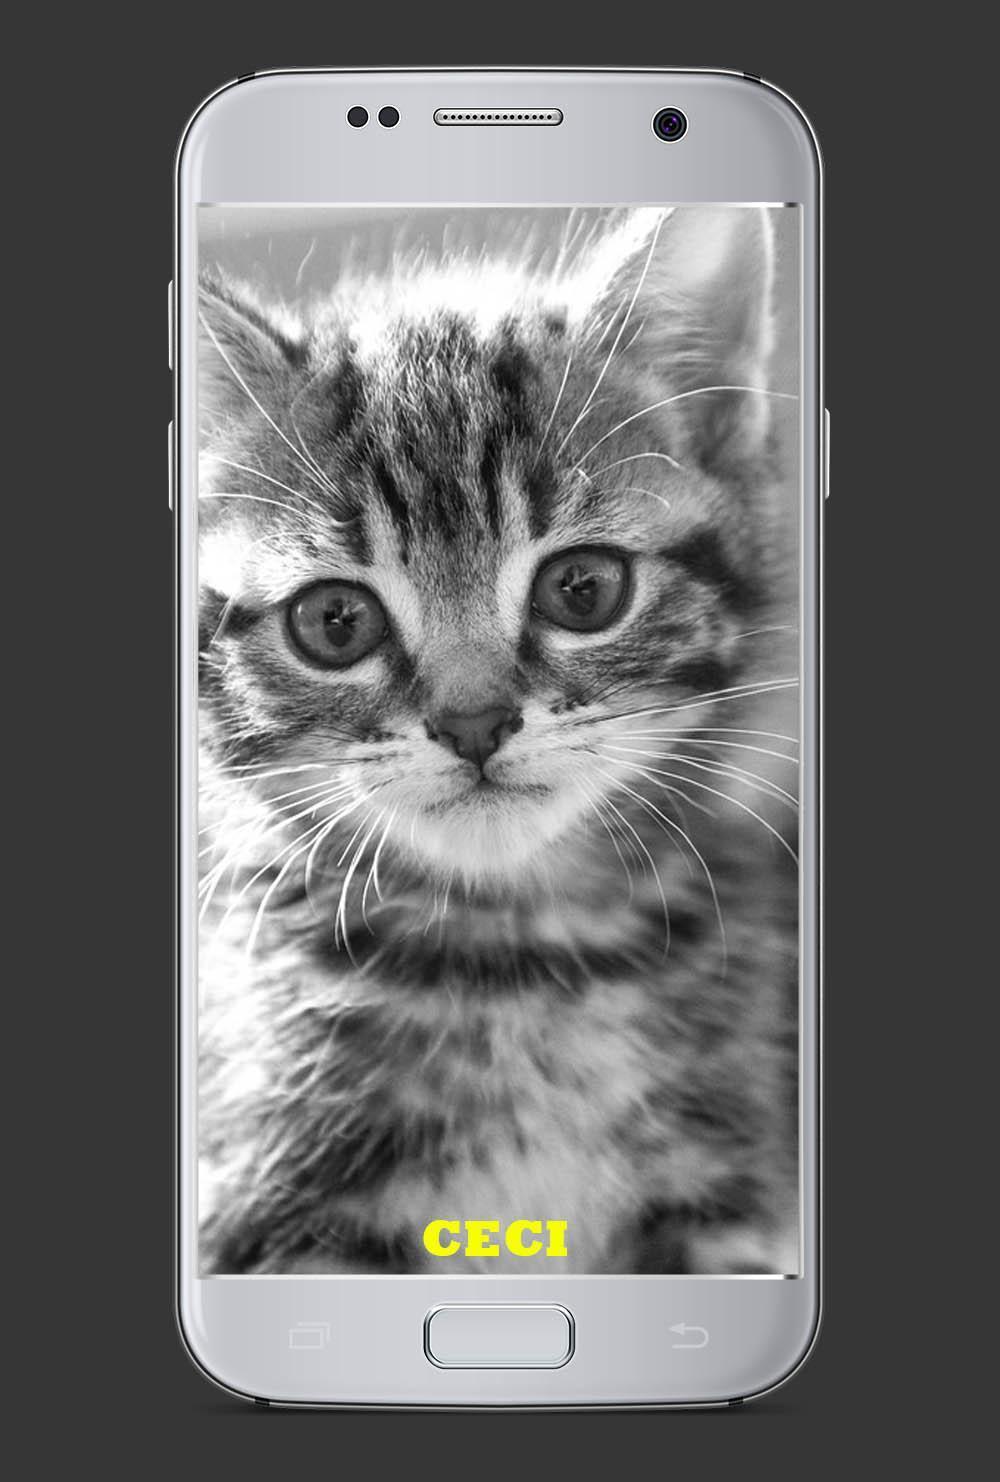 1001 Nama Kucing Kesayangan For Android Apk Download